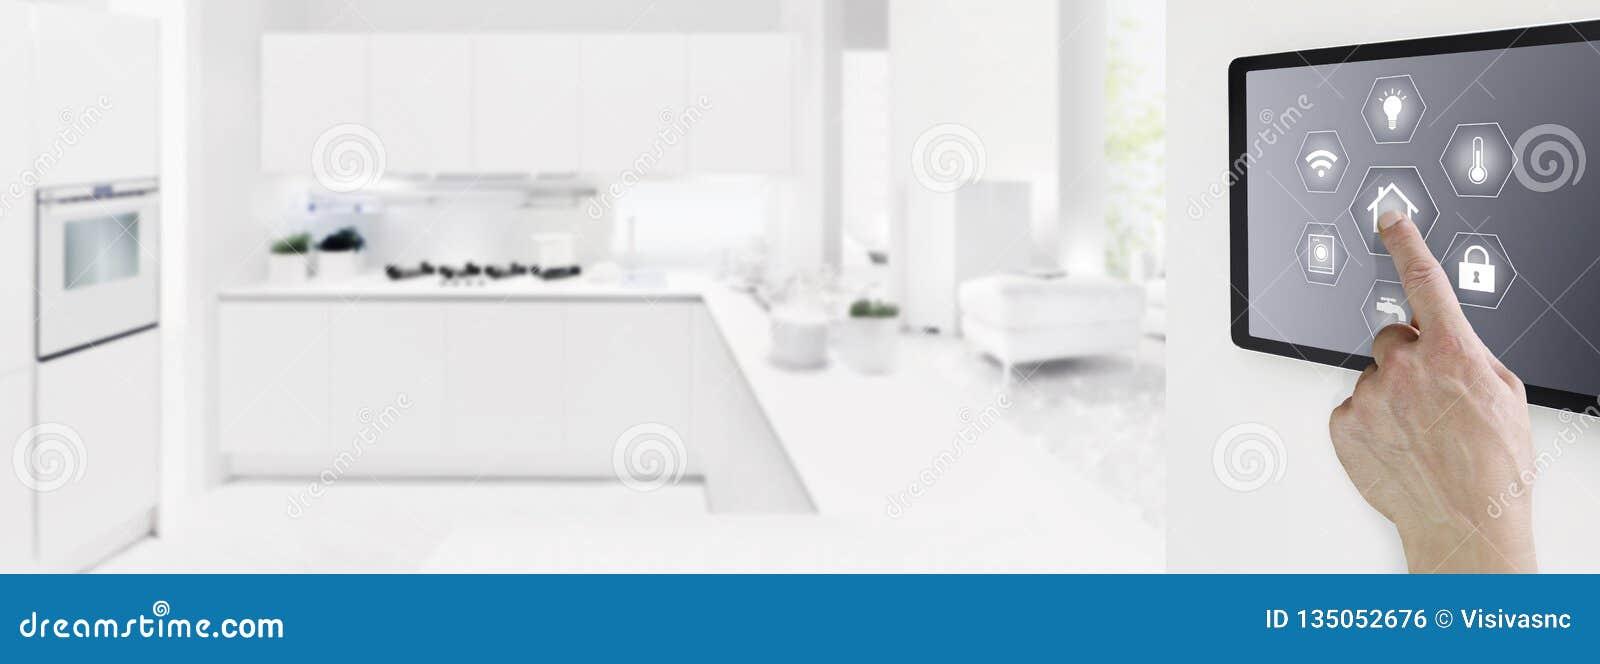 Skärm för minnestavla för smart handhandlag för hem- automation digital med symboler på inomhus rum- och kökbakgrund, rengöringsd